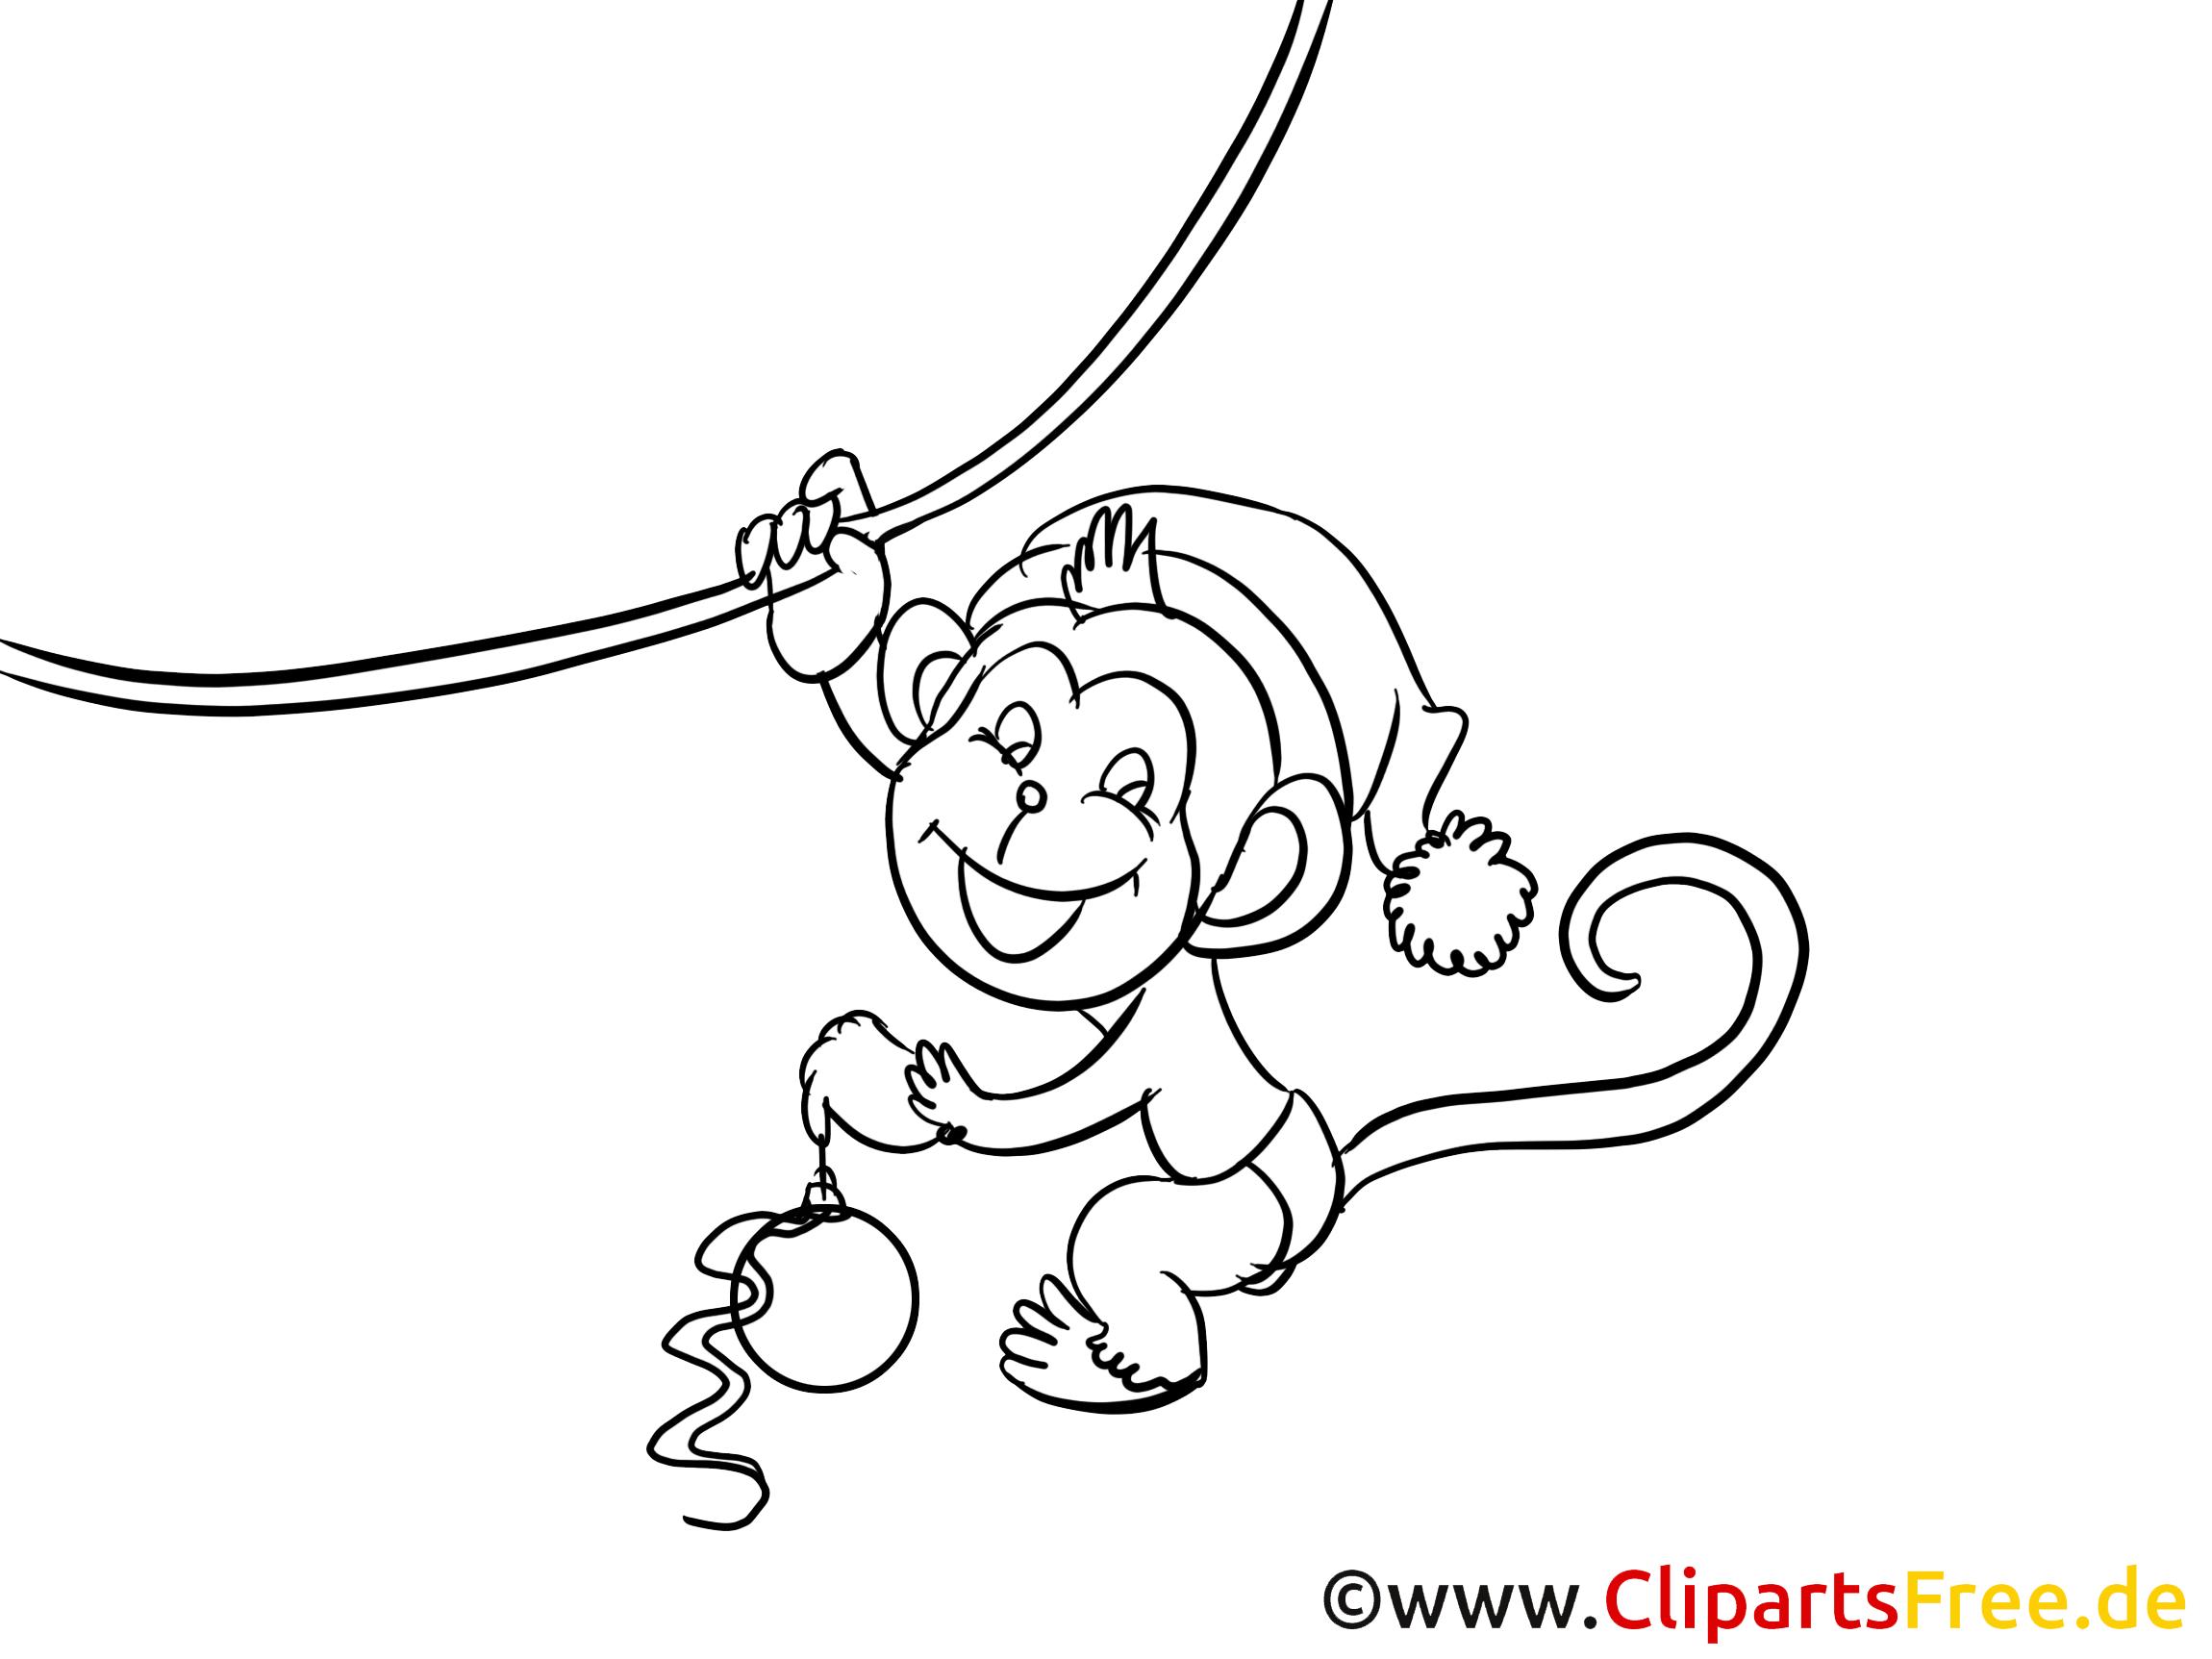 Niedlich Malvorlagen Affe Bilder - Malvorlagen Von Tieren - ngadi.info